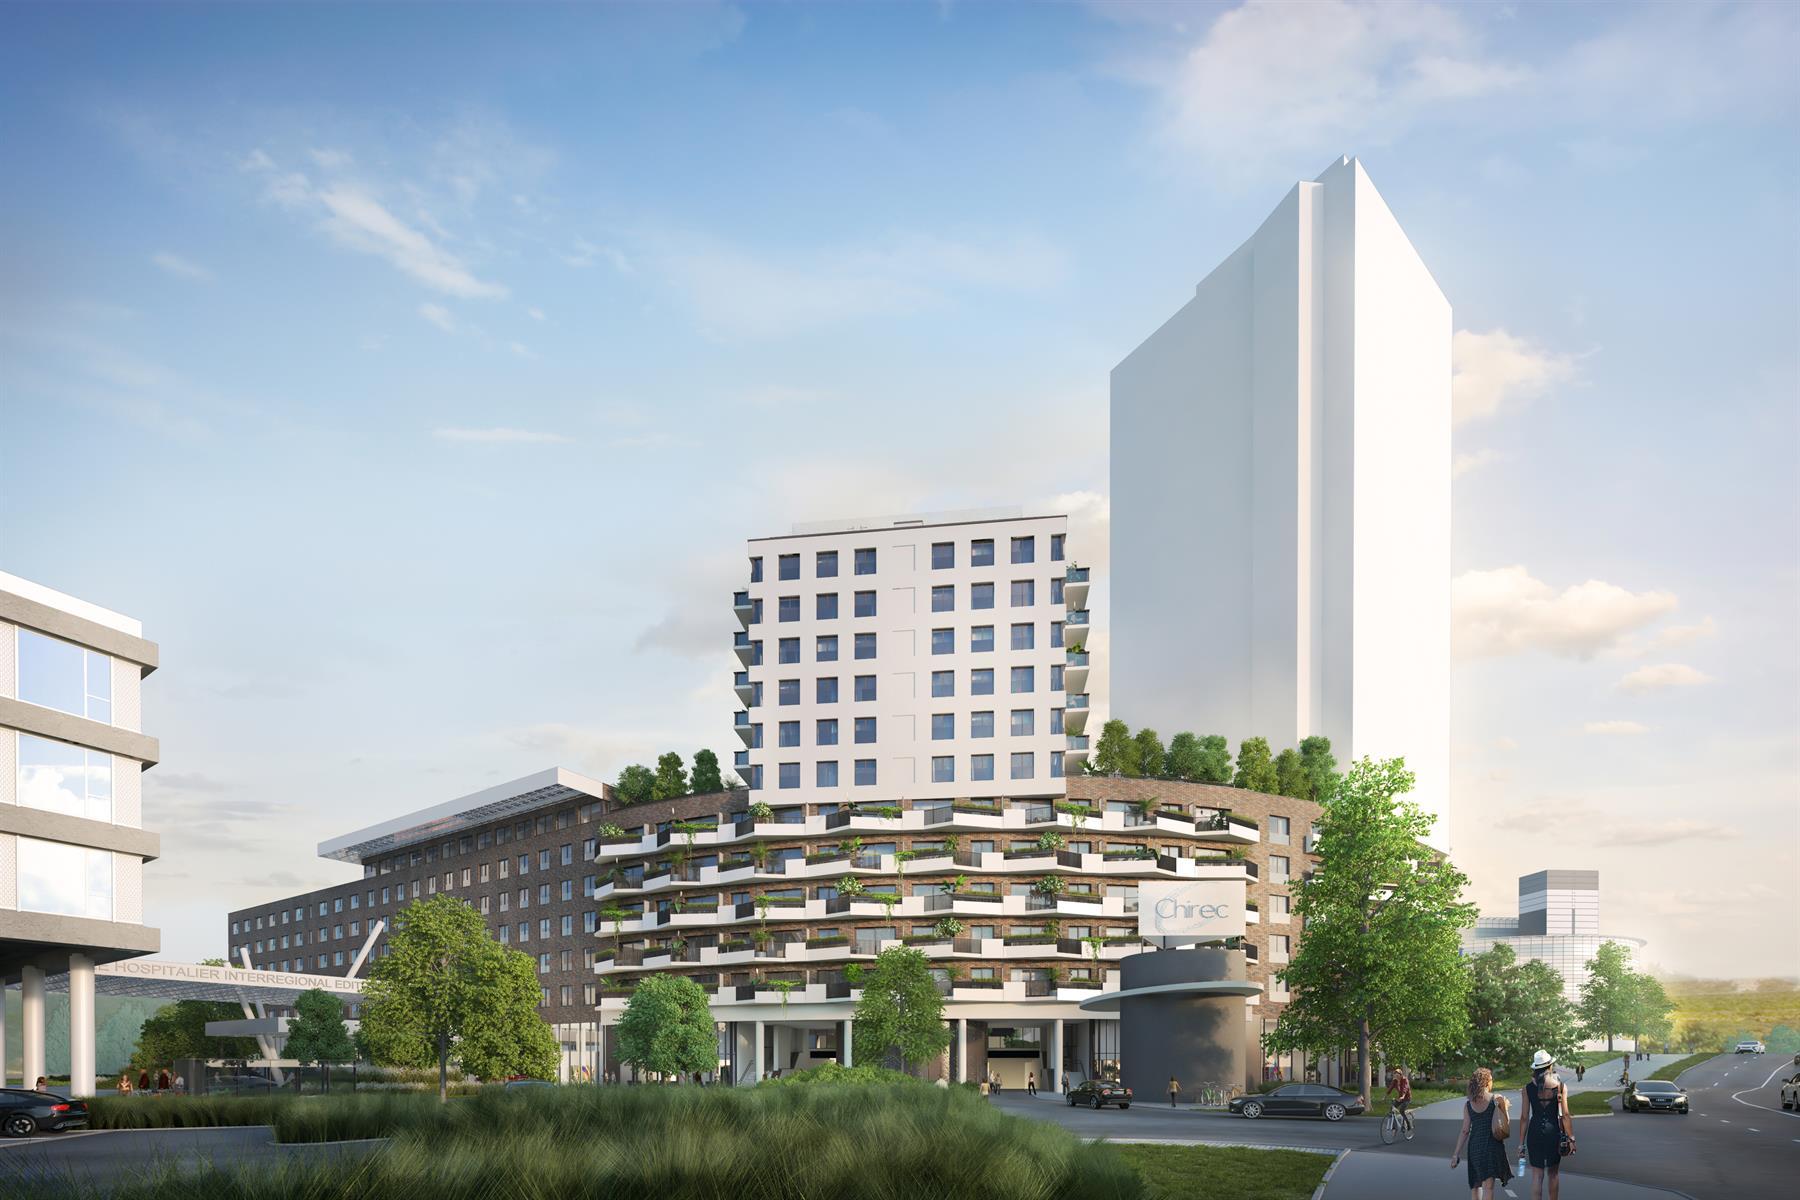 Flat - Ixelles - #4365565-10